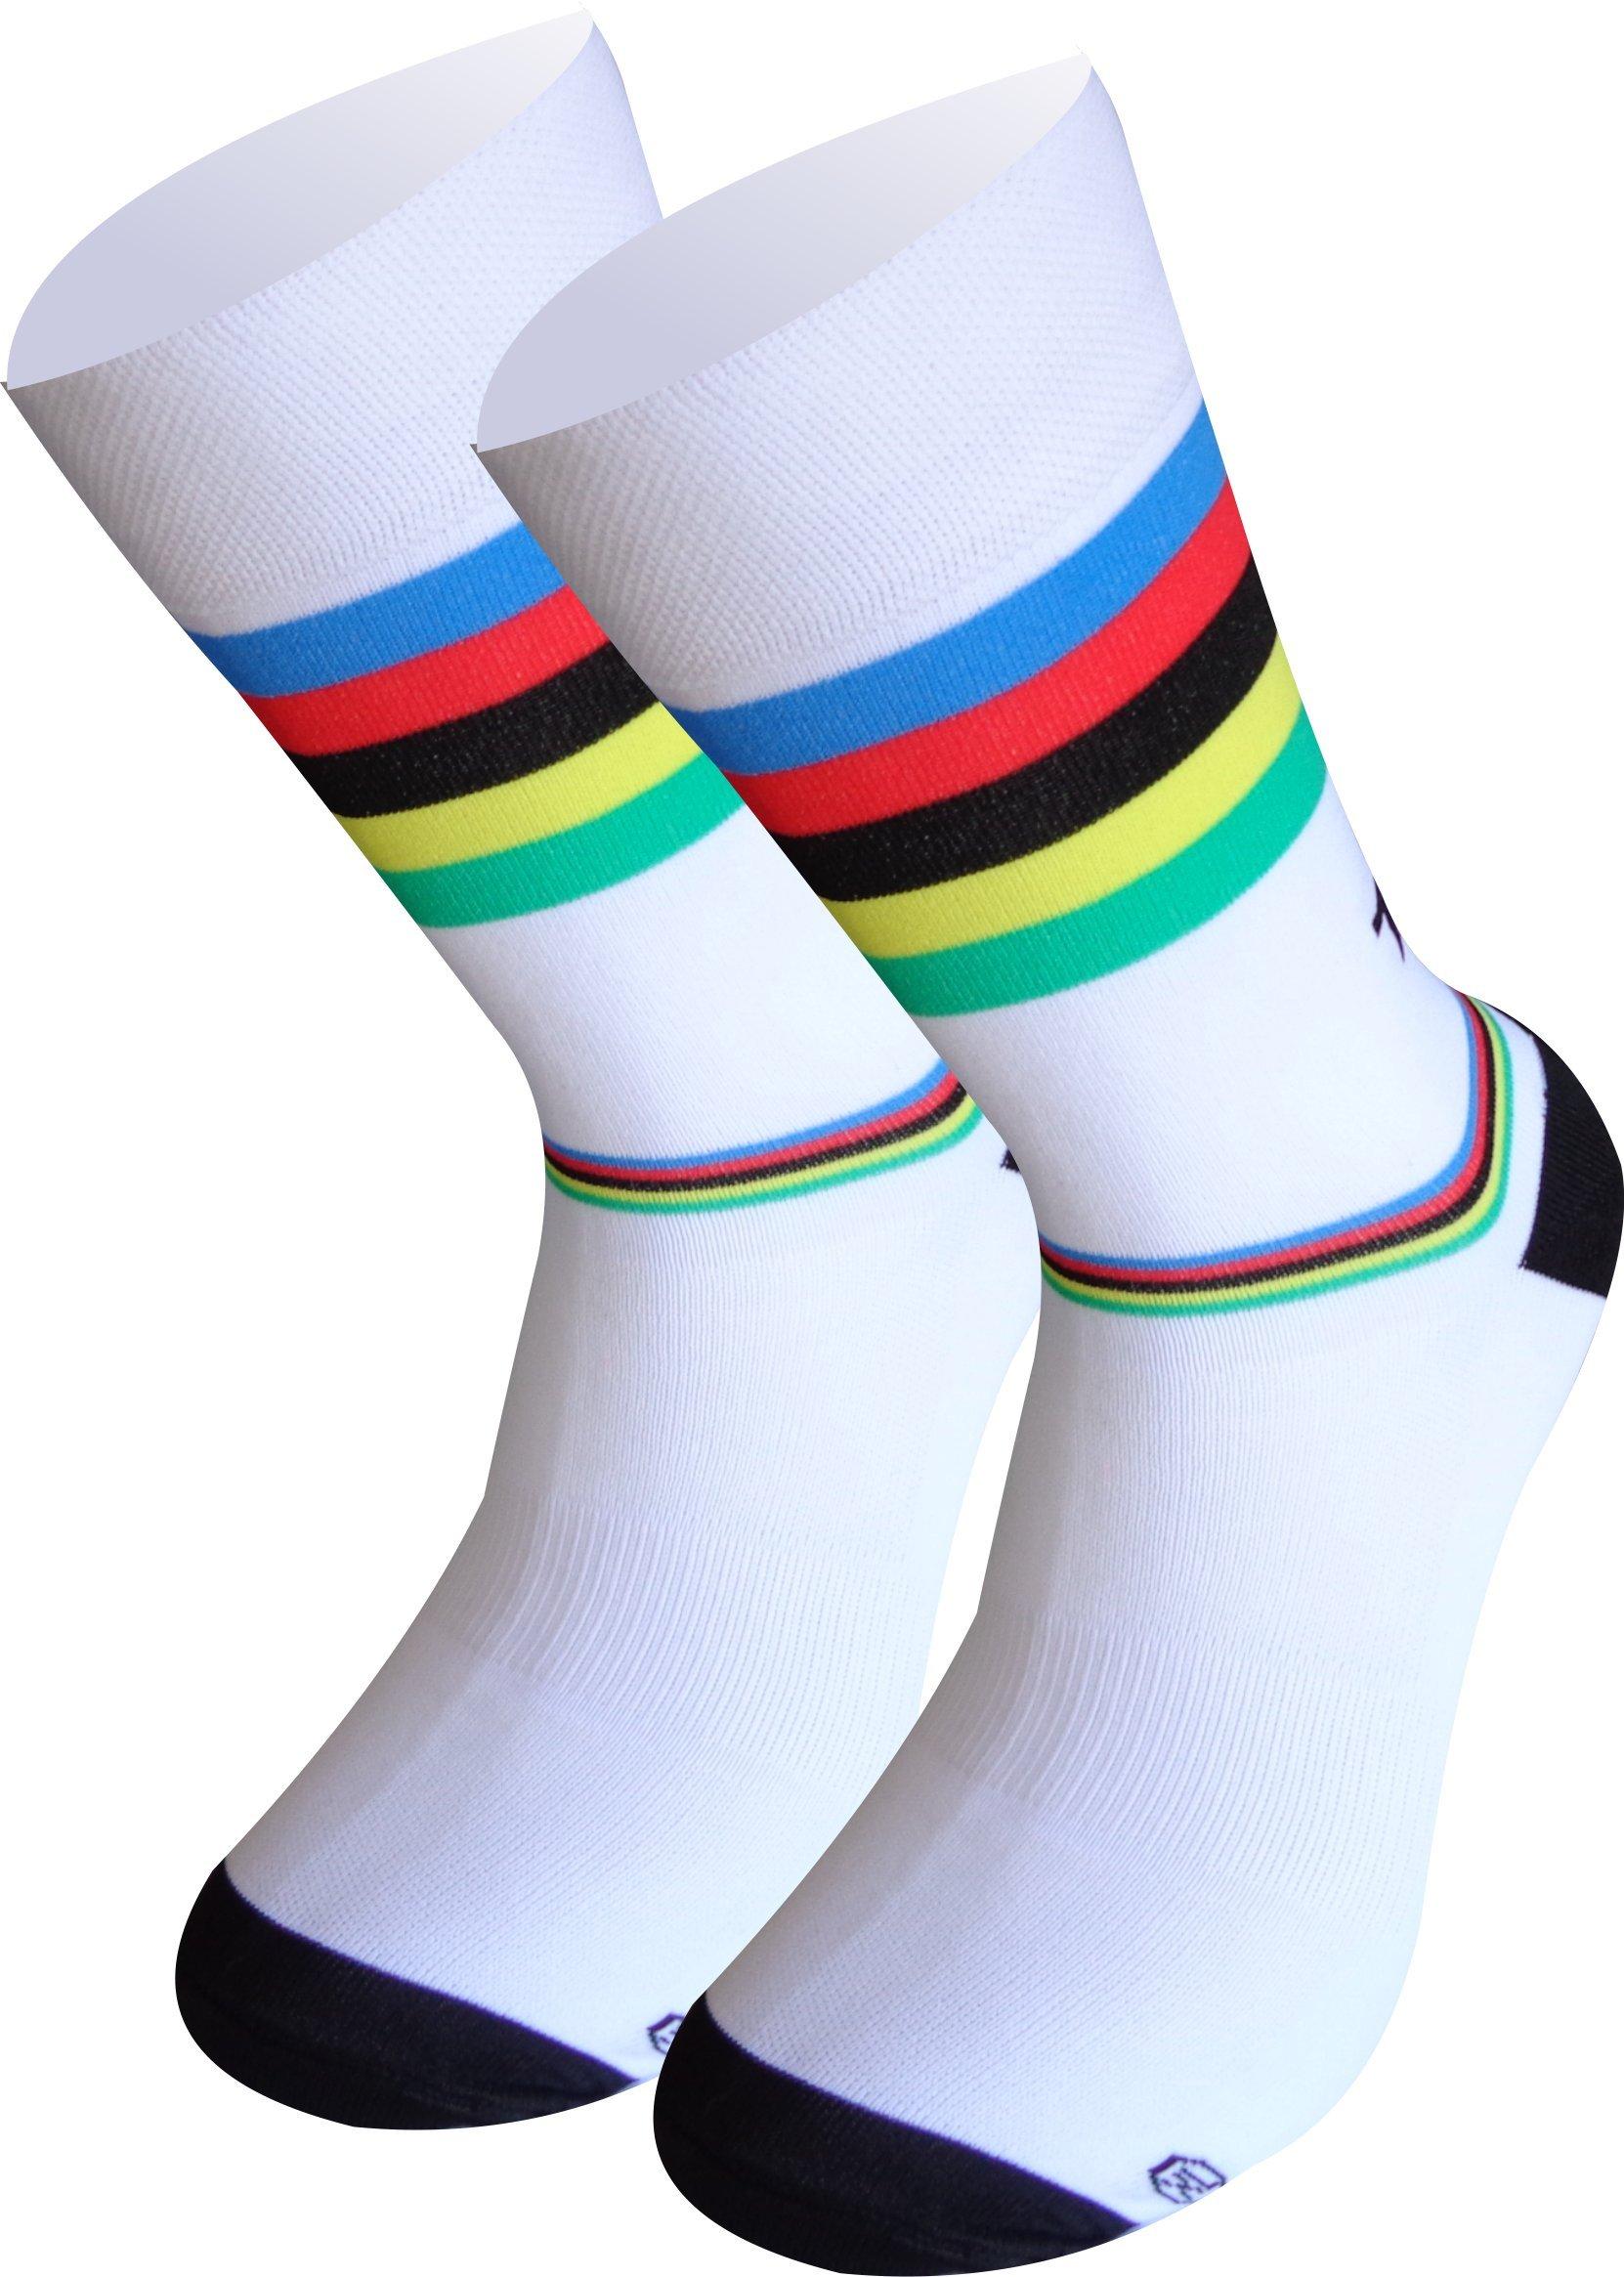 Borvelo Unisex Calze ciclismo Compression Bici Calzini Estivi Traspiranti Racing Sport Calzino Antiscivolo MTB Bicicletta Socks per Outdoor Allenamento Trekking Corsa Fitness